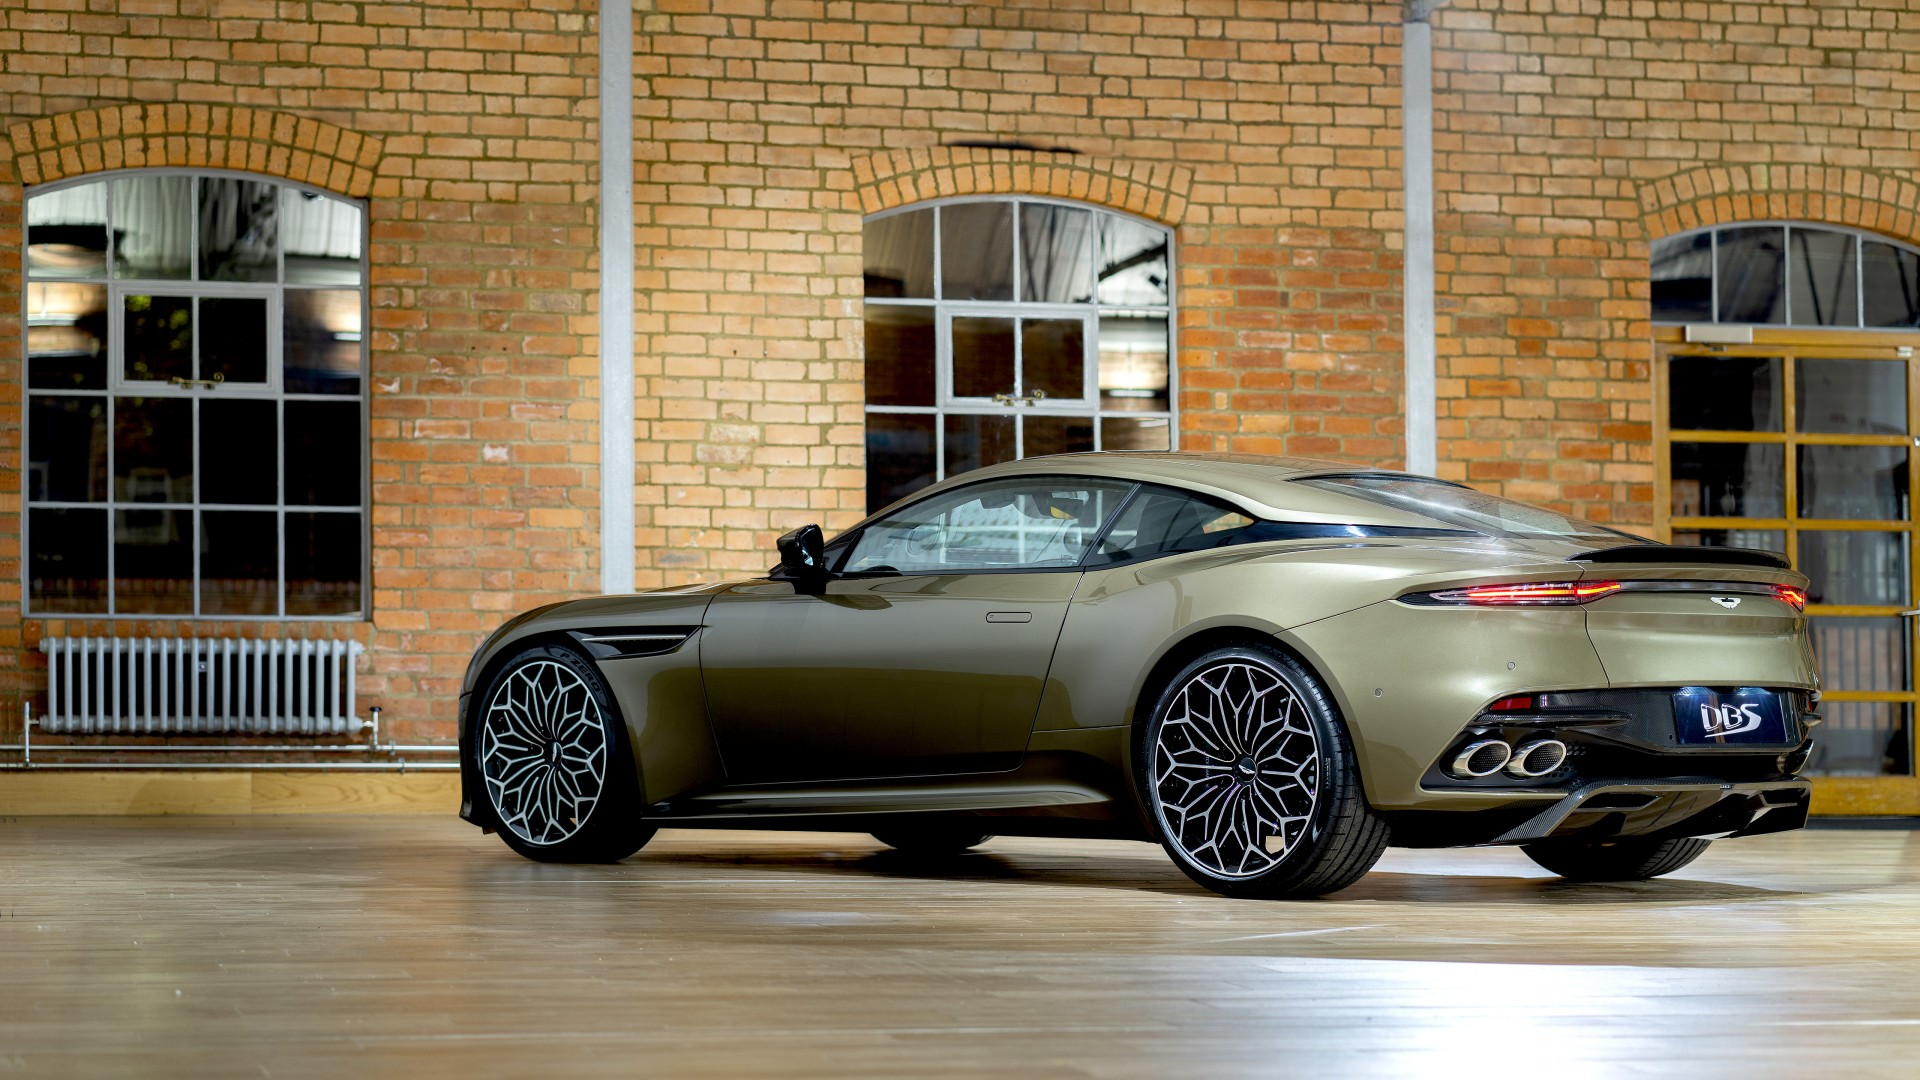 Aston Martin V12 Zagato >> Aston Martin OHMSS DBS Superleggera 2019 5K Wallpaper   HD ...